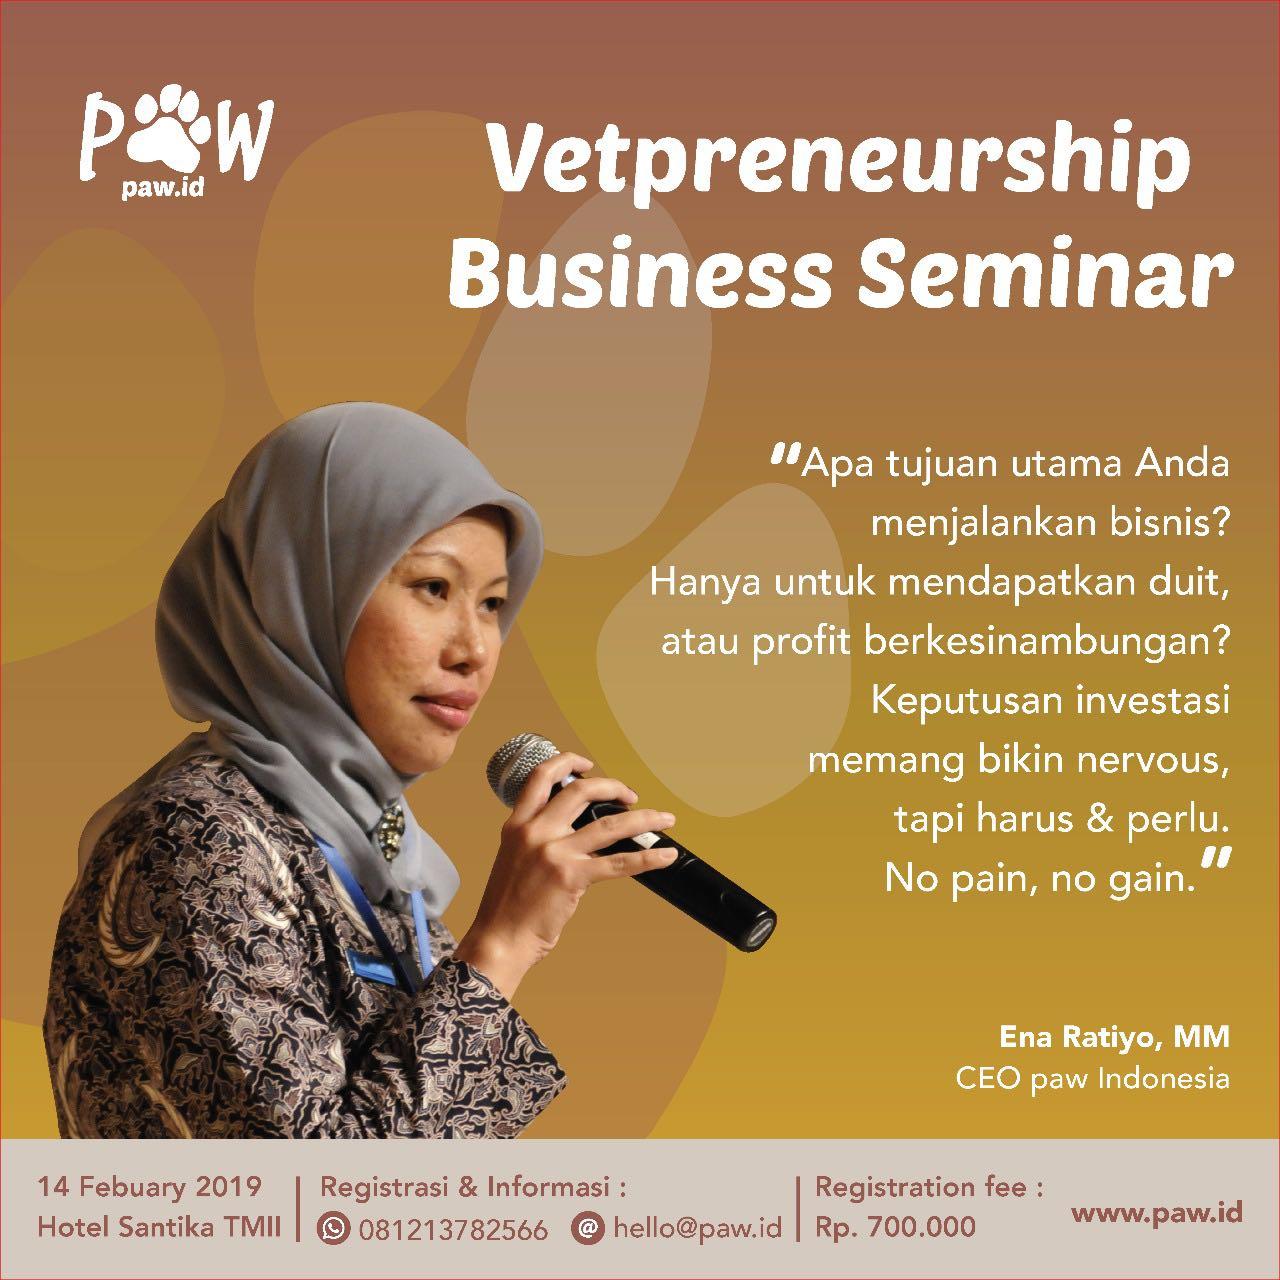 Ena Ratiyo sebagai speaker di Vetpreneurship Business Seminar 2019 paw Indonesia